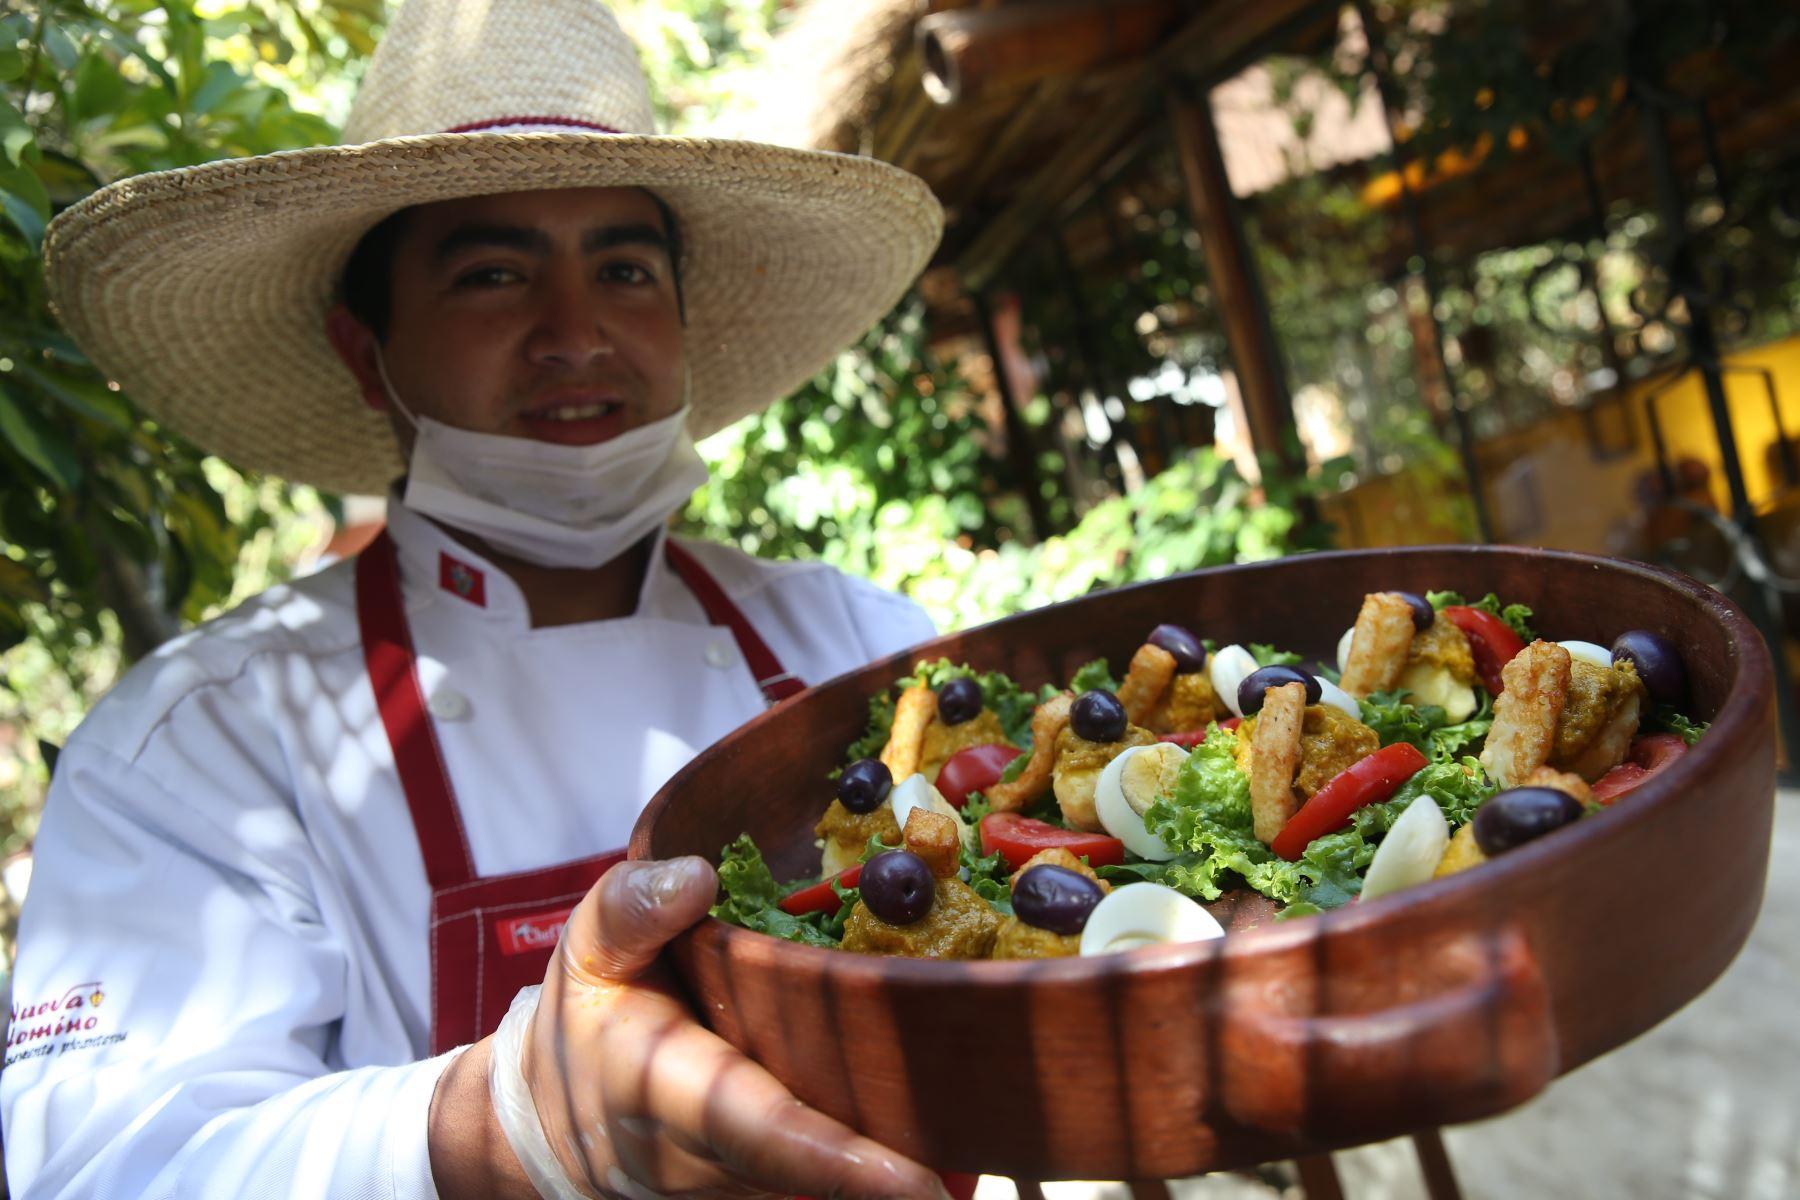 La picantería es el emblema de la exquisita cocina tradicional de Arequipa. ANDINA/archivo